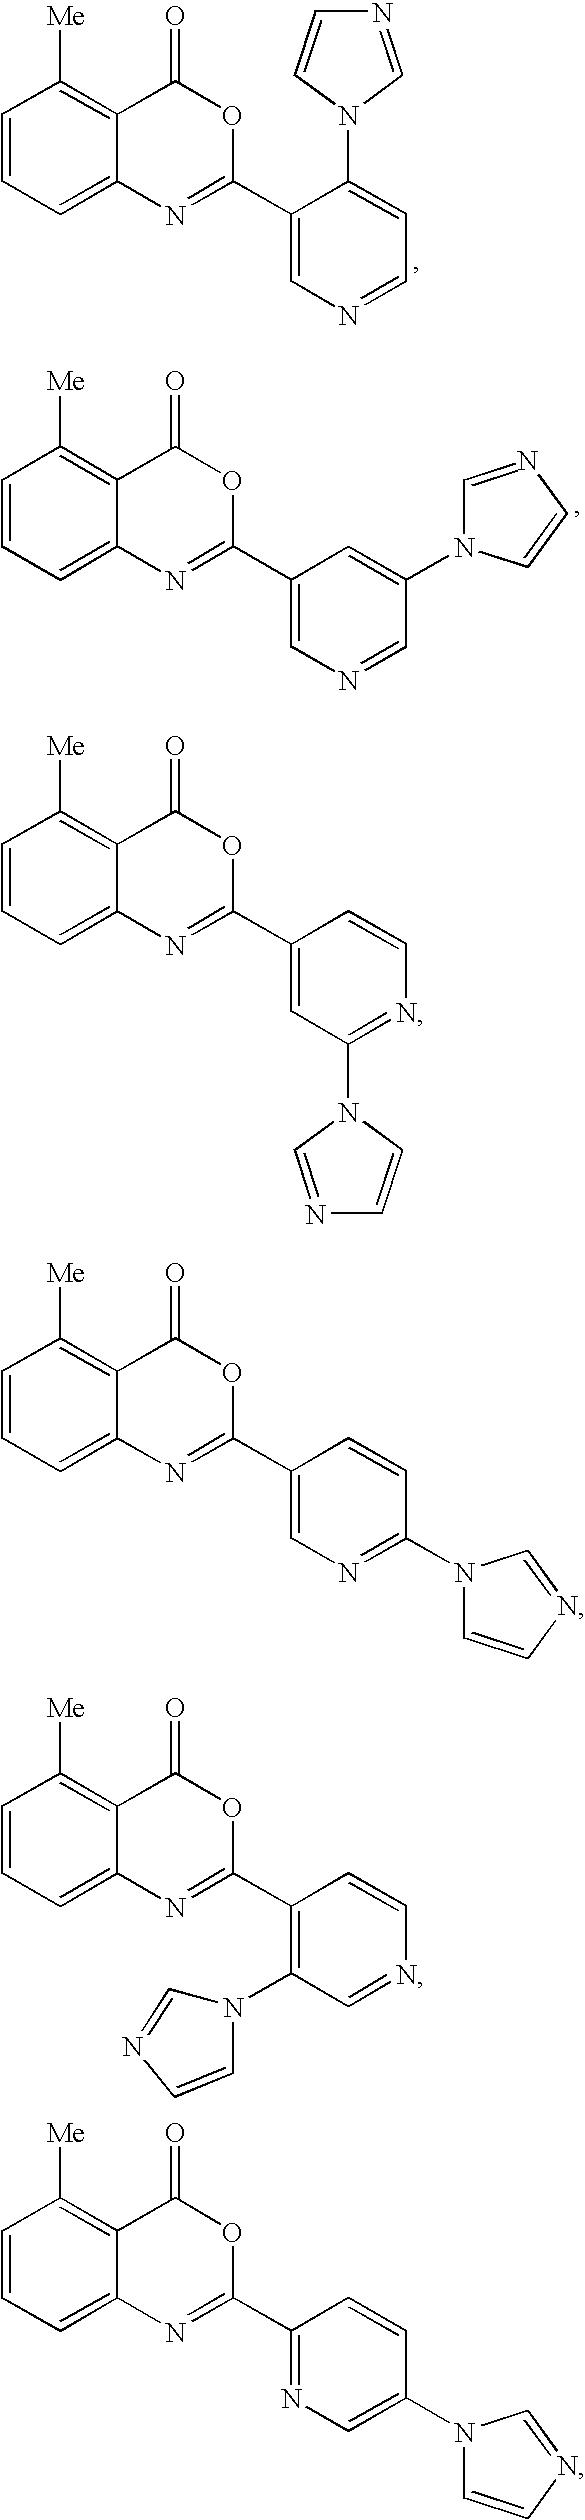 Figure US20080161290A1-20080703-C00389